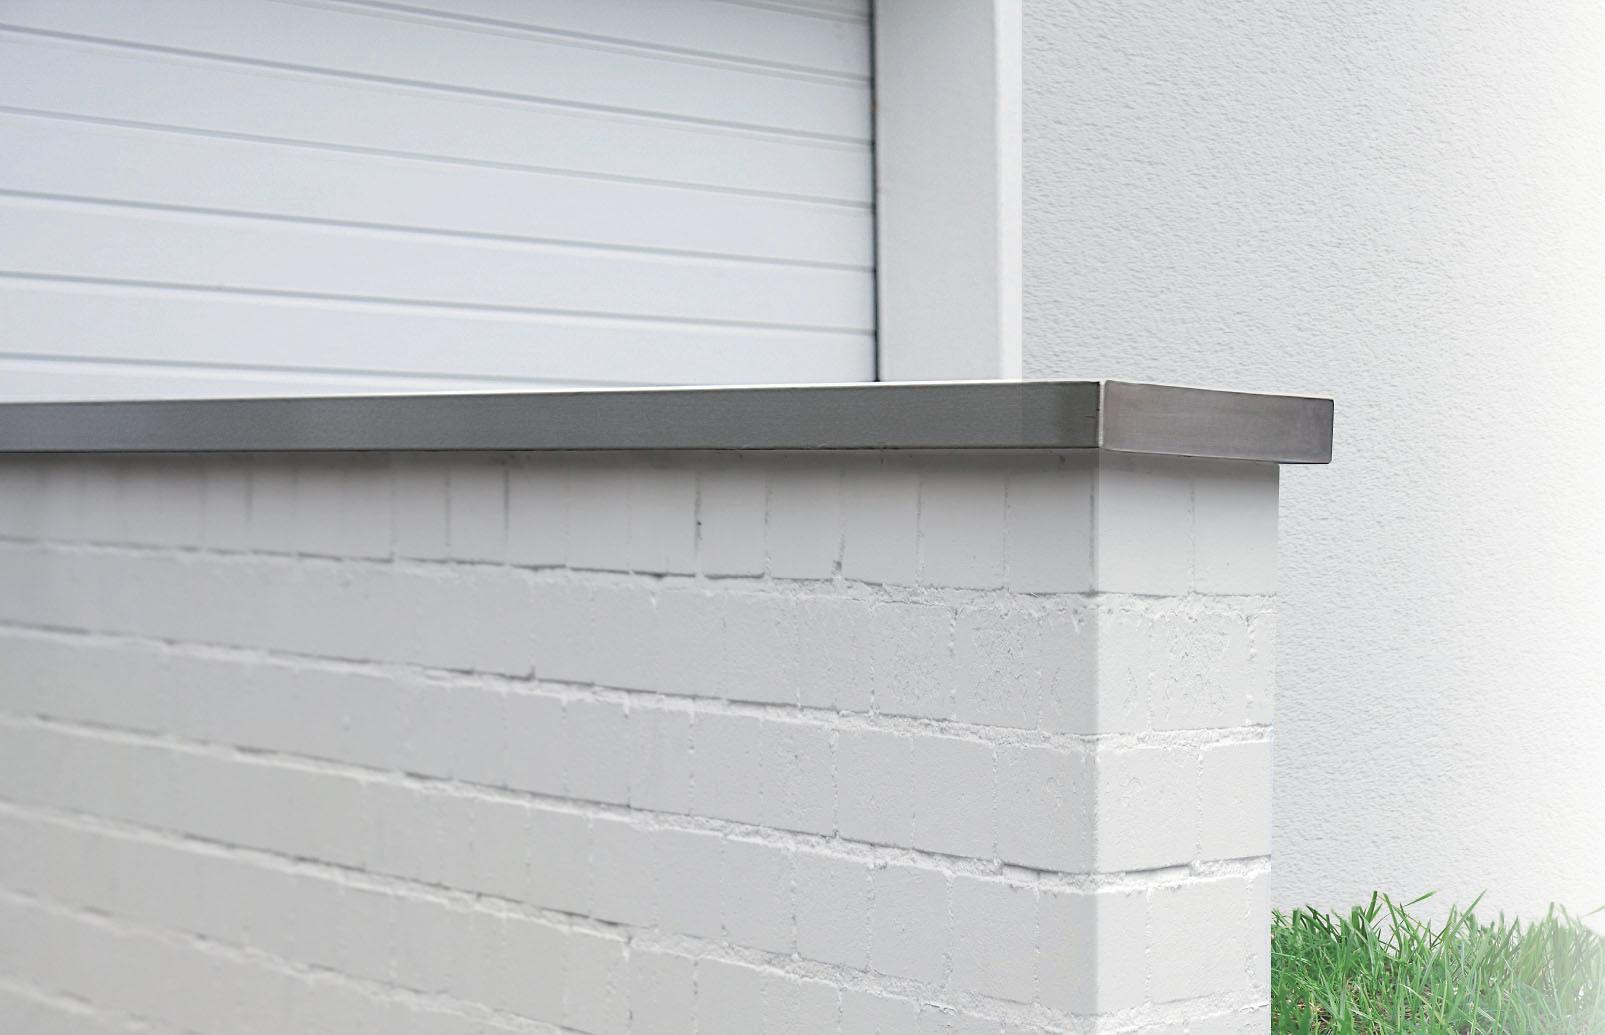 beton streichen au en beton streichen au en beton versiegeln 2k epoxidharz beton streichen au. Black Bedroom Furniture Sets. Home Design Ideas